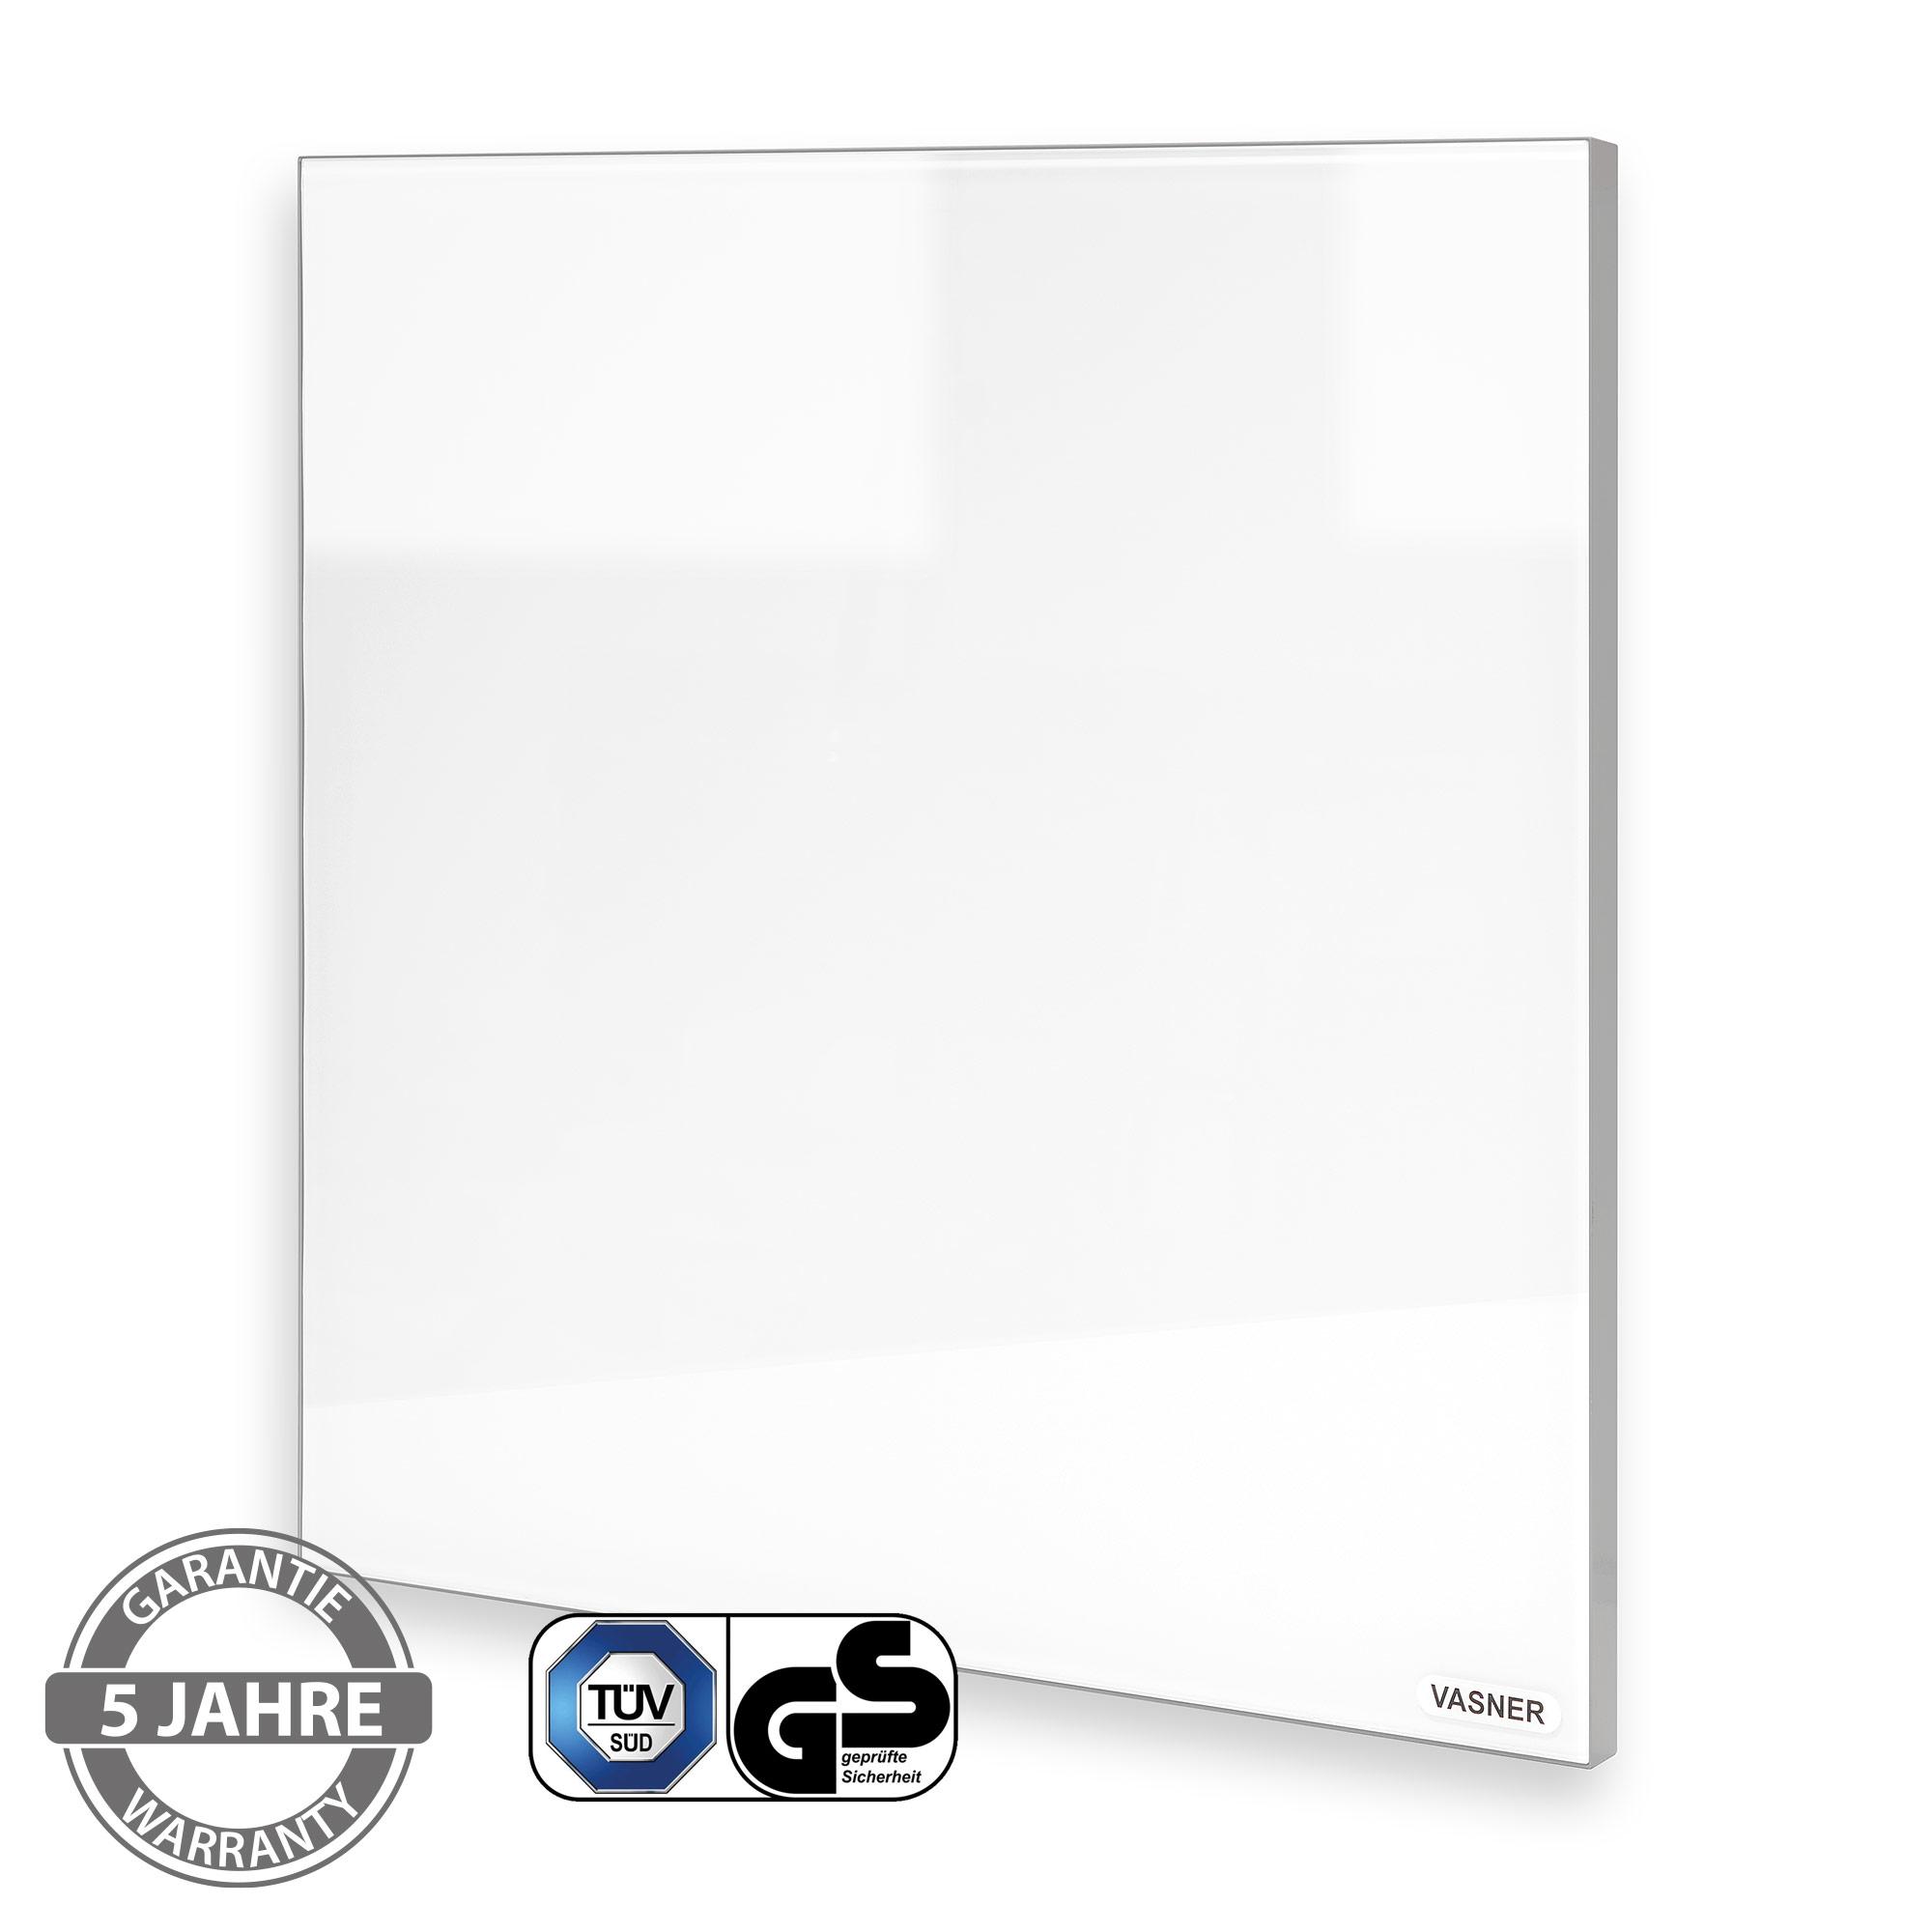 Infrarotheizung Glas mit TÜV Test Zertifikat, 5 Jahre Garantie, Rahmen